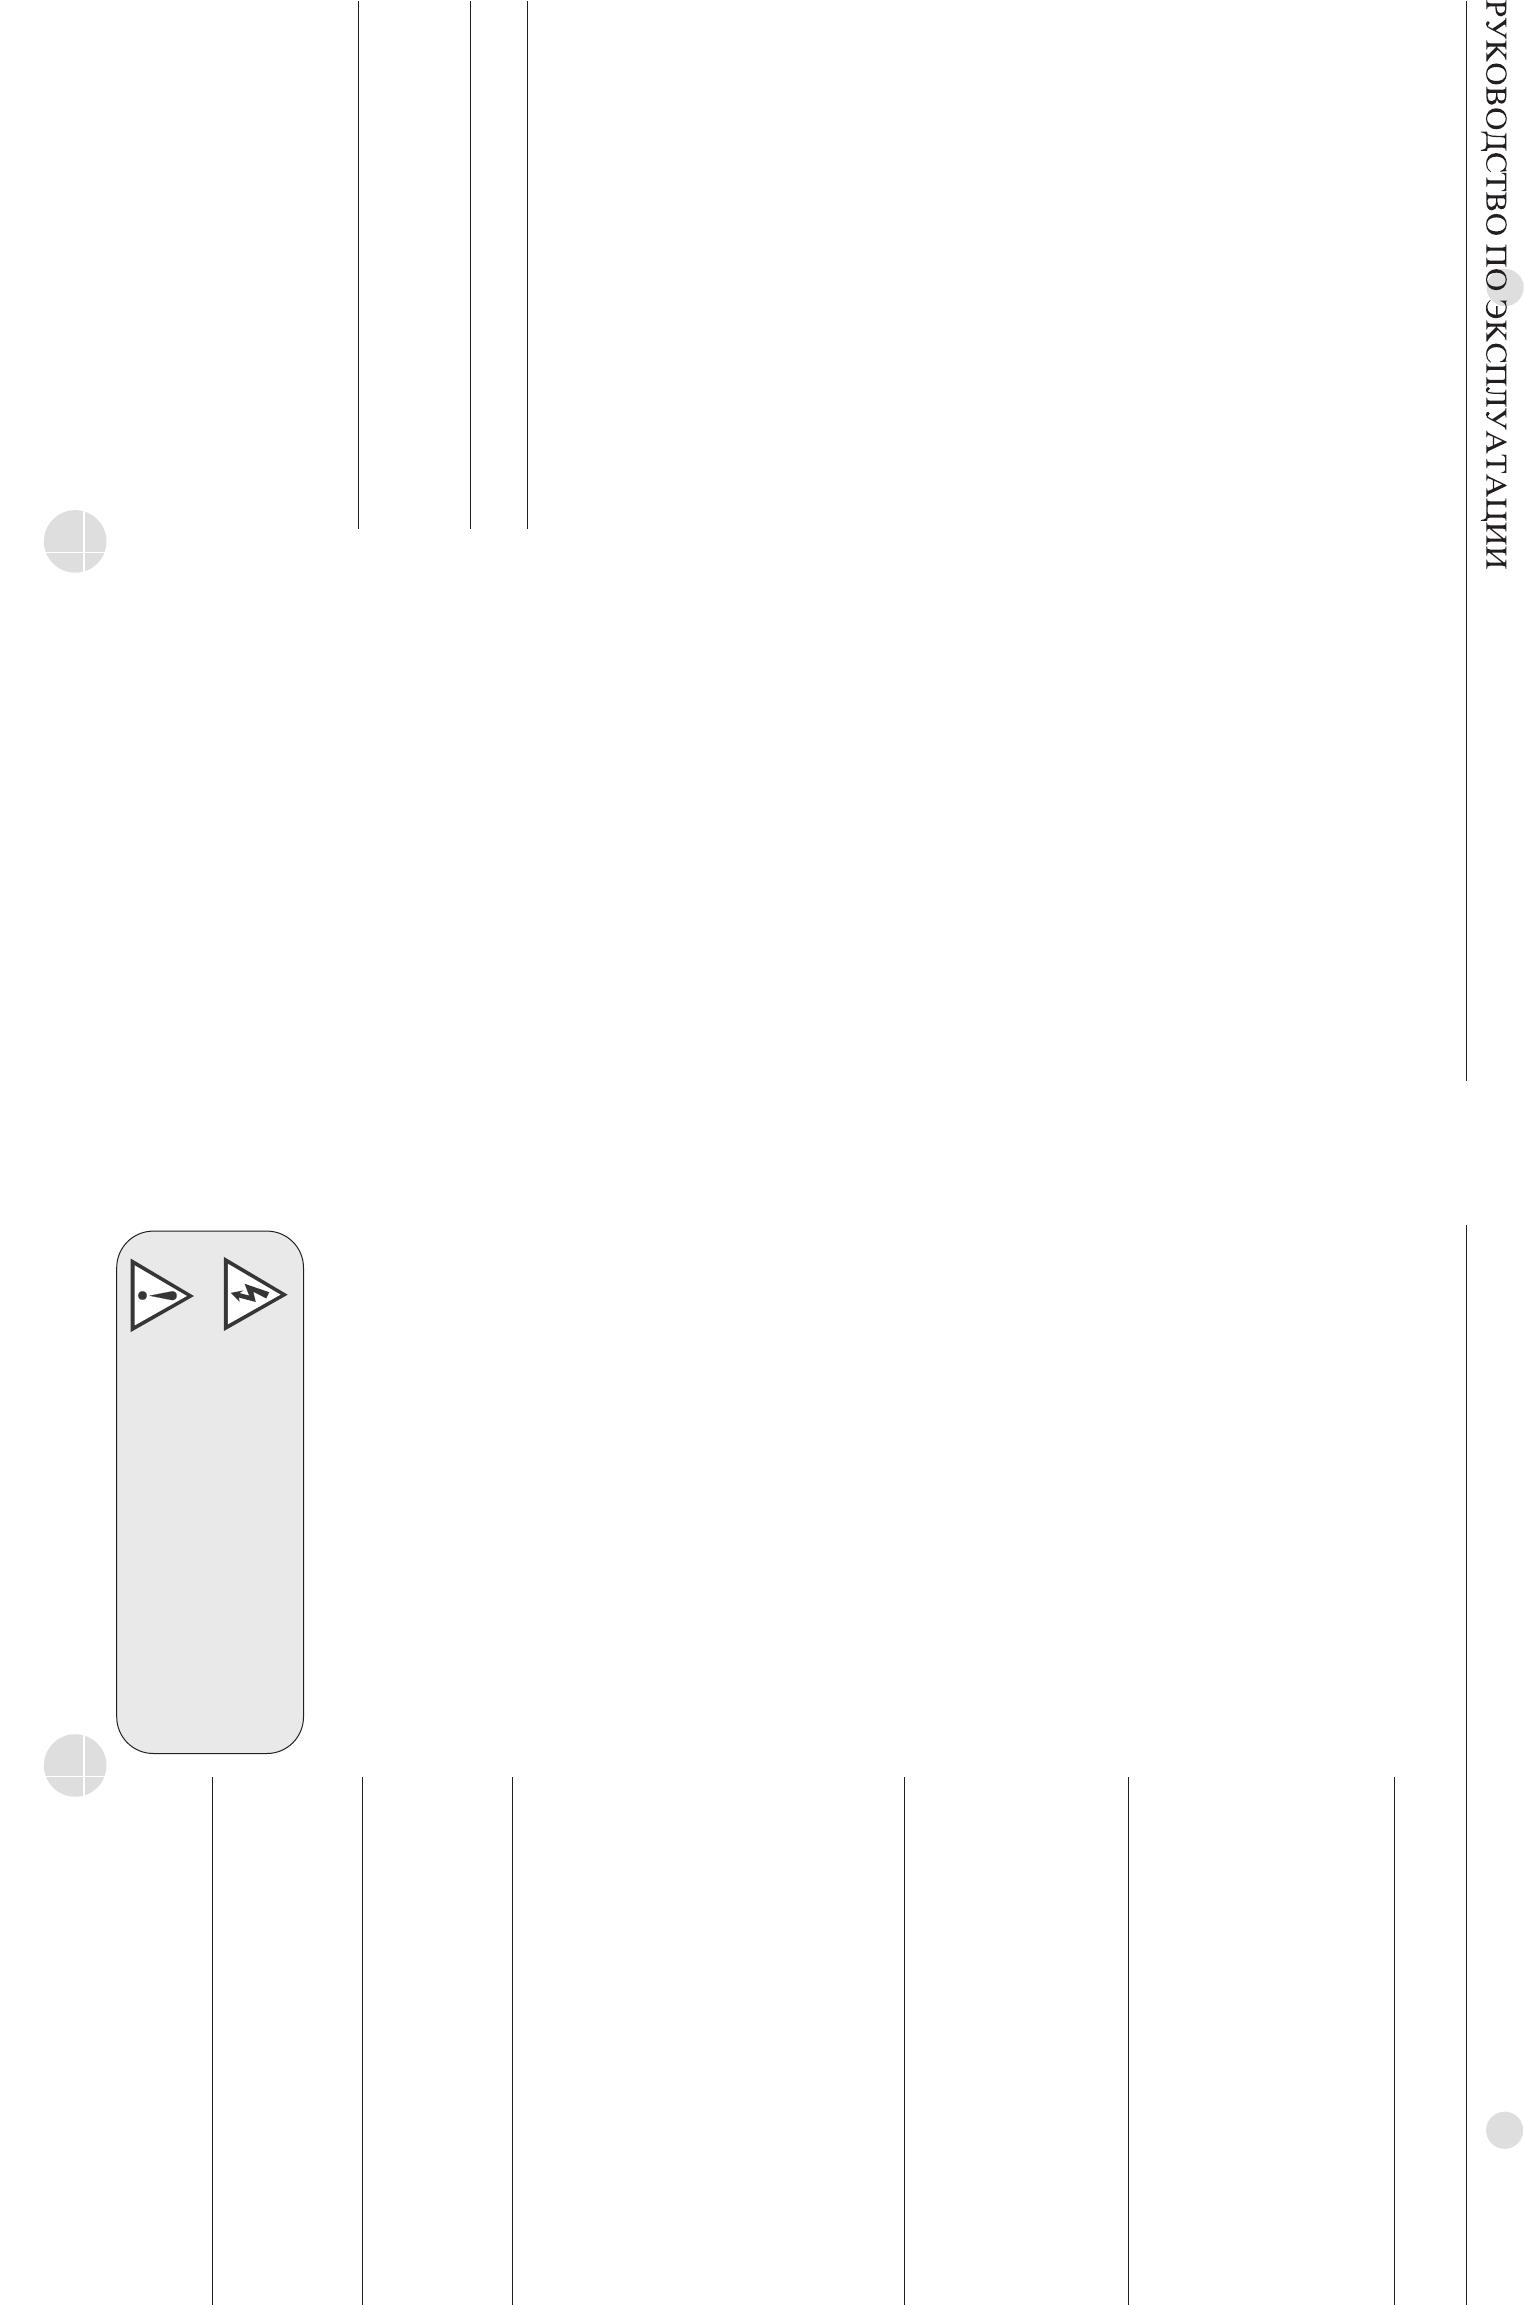 Berühmt 5 Wege Schaltschema Fotos - Der Schaltplan - raydavisrealtor ...